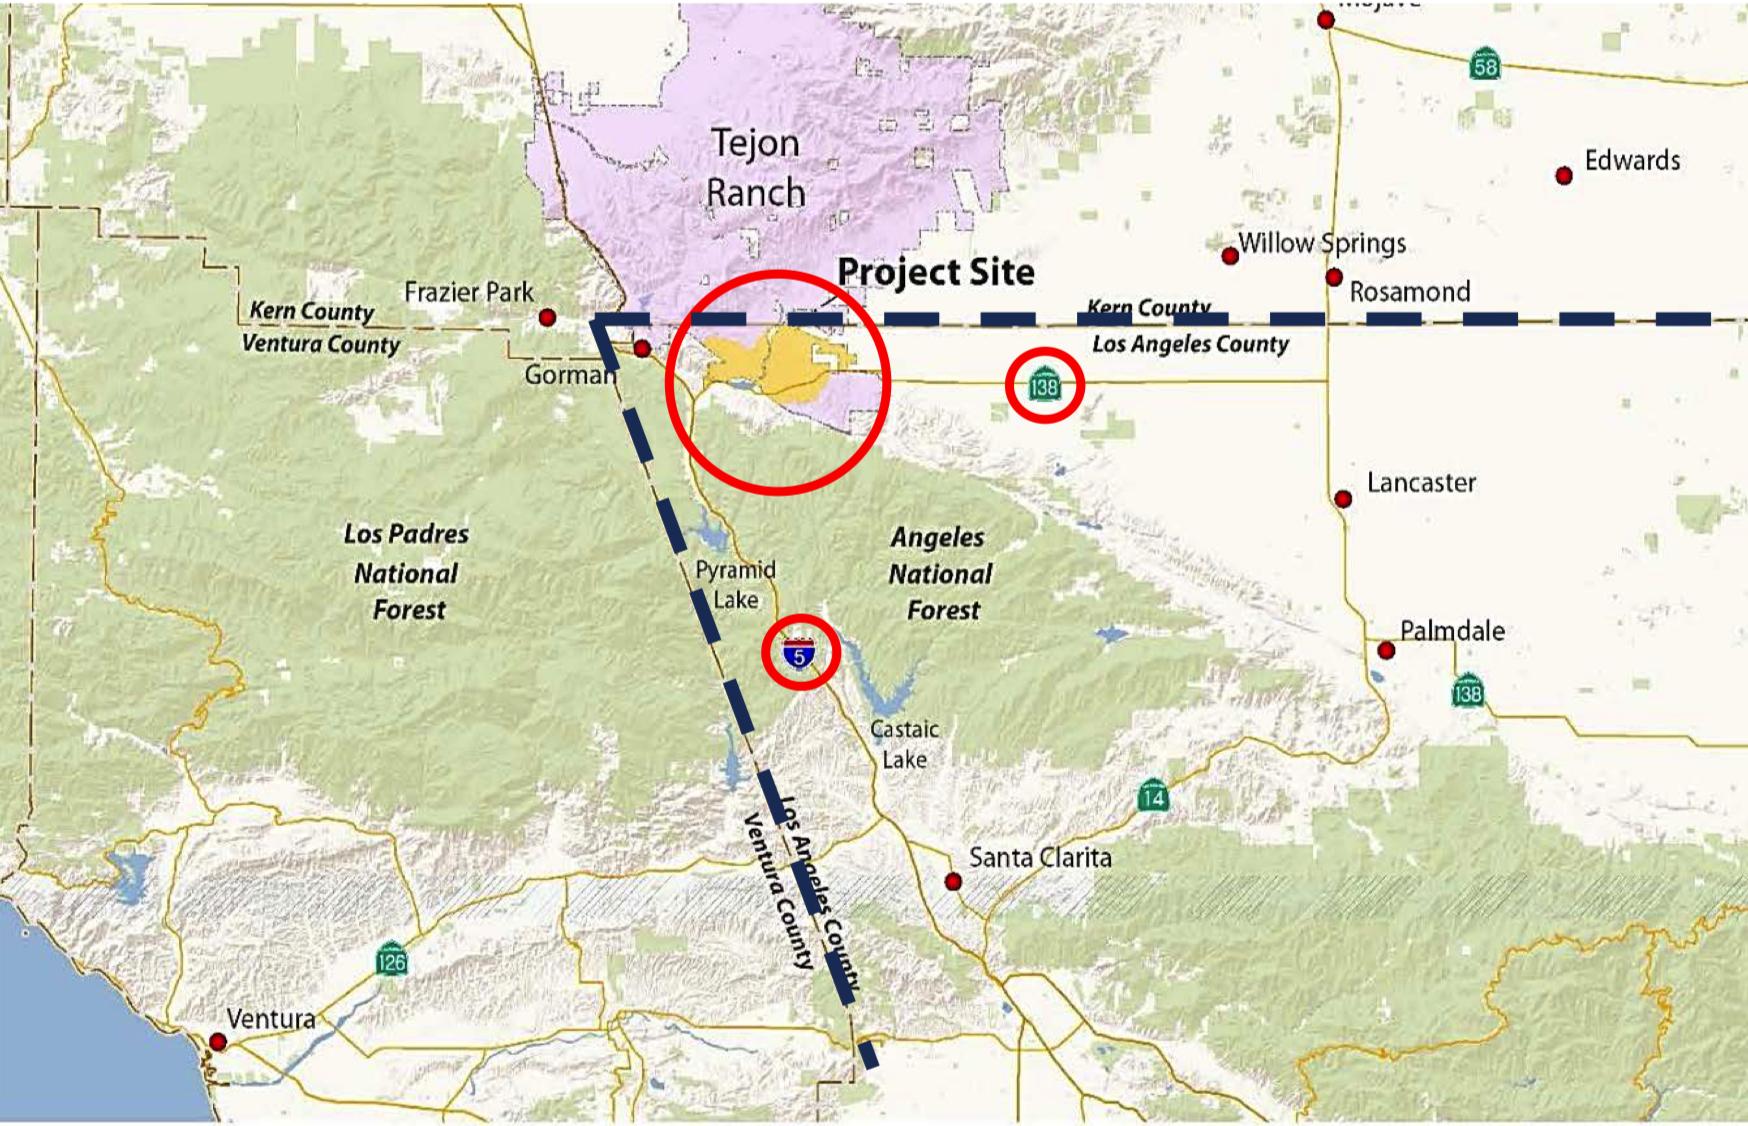 塔洪牧場開發區域位置圖。(洛杉磯縣府網站)